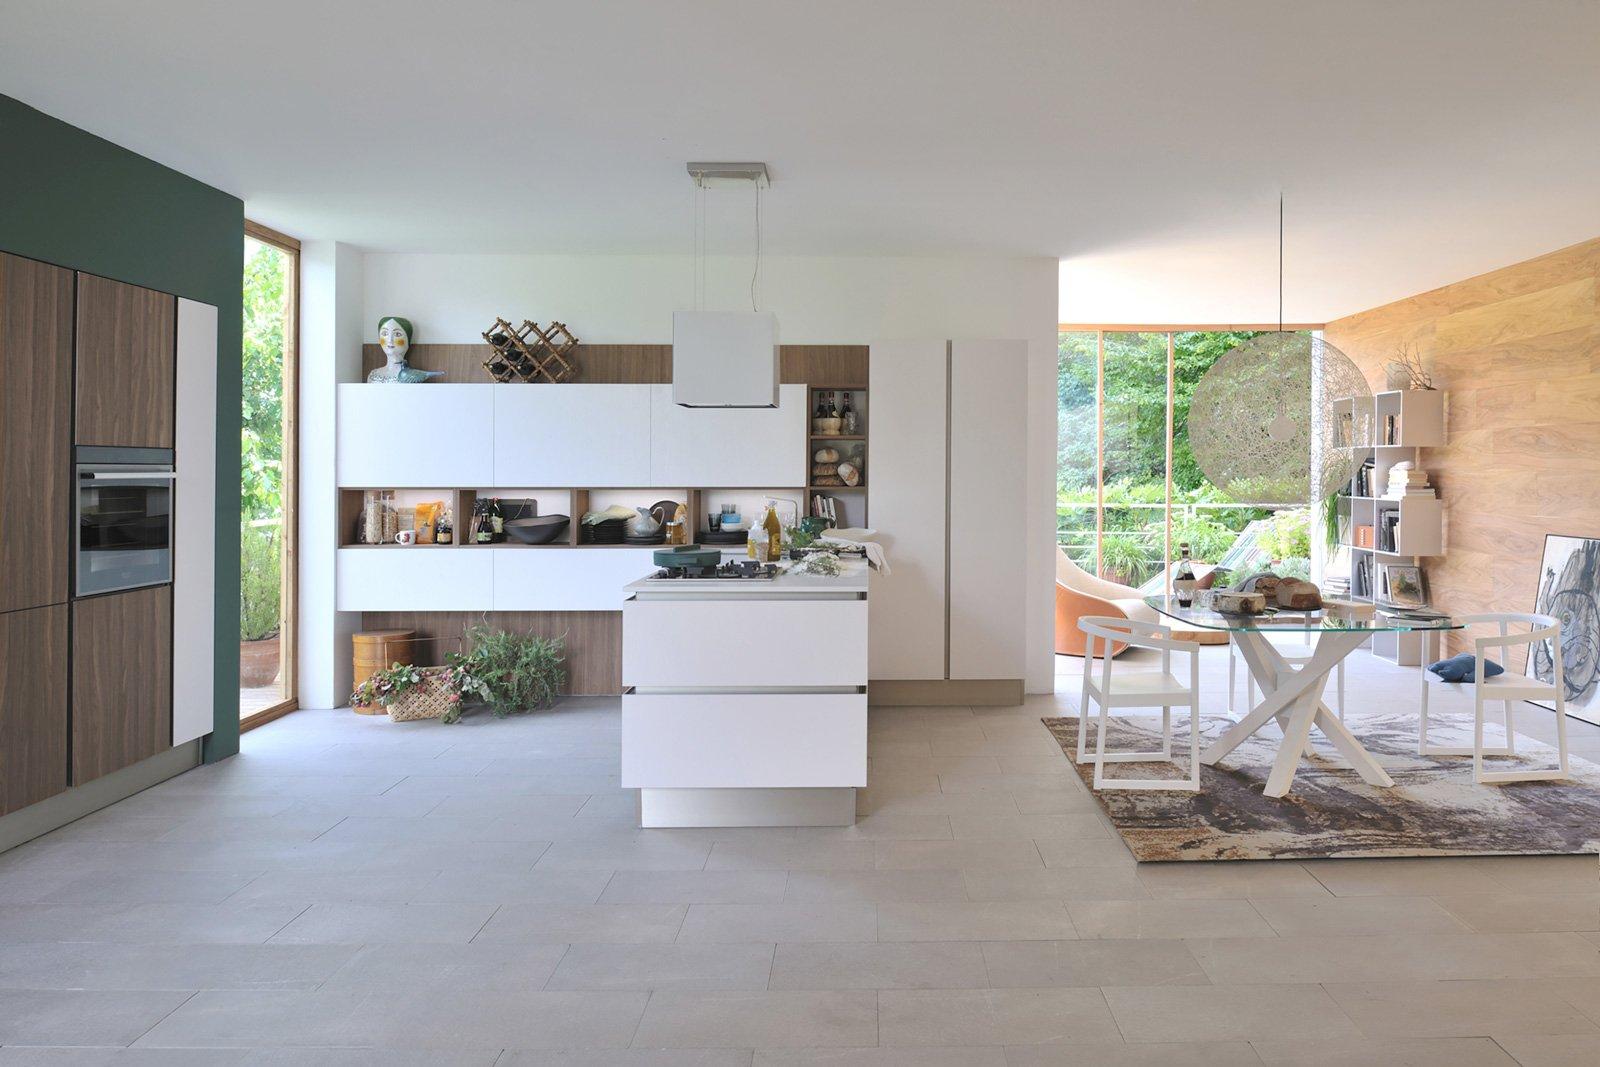 Cucine a vista per il loft nel soggiorno open space for Cucina living